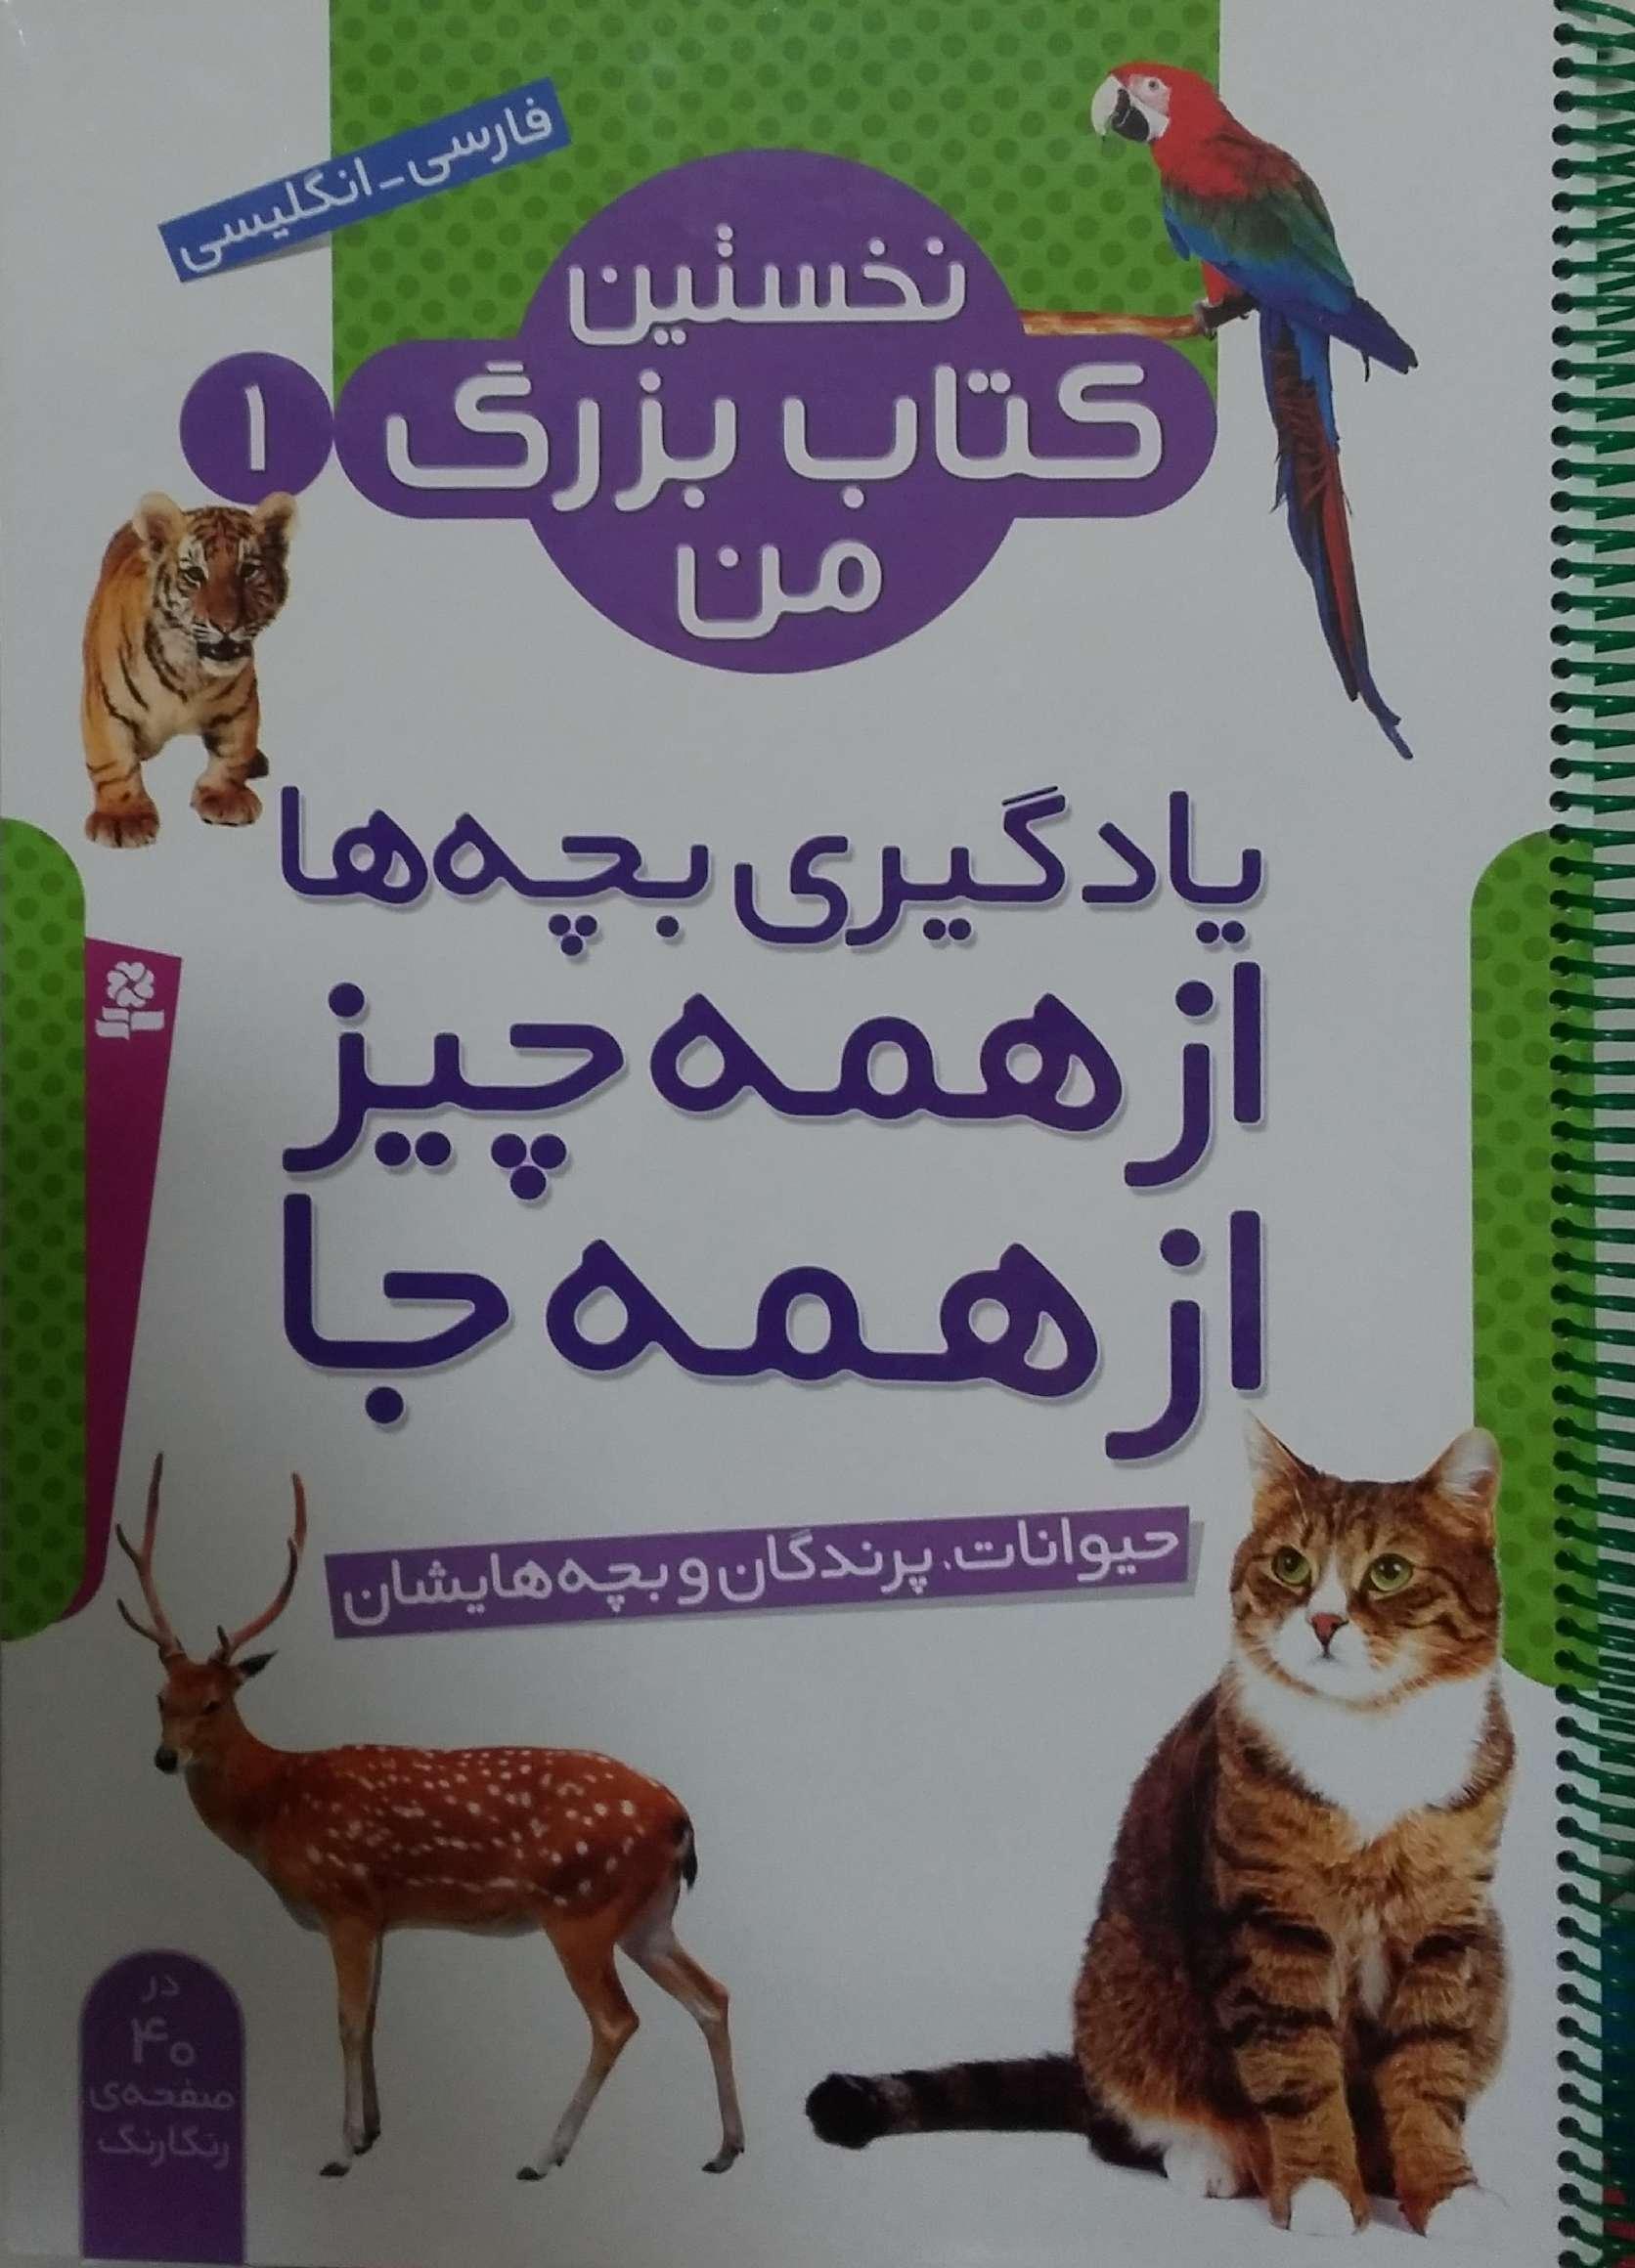 نخستين-كتاب-بزرگ-من(1)حيوانات-پرندگان-و-بچه-هايشان-